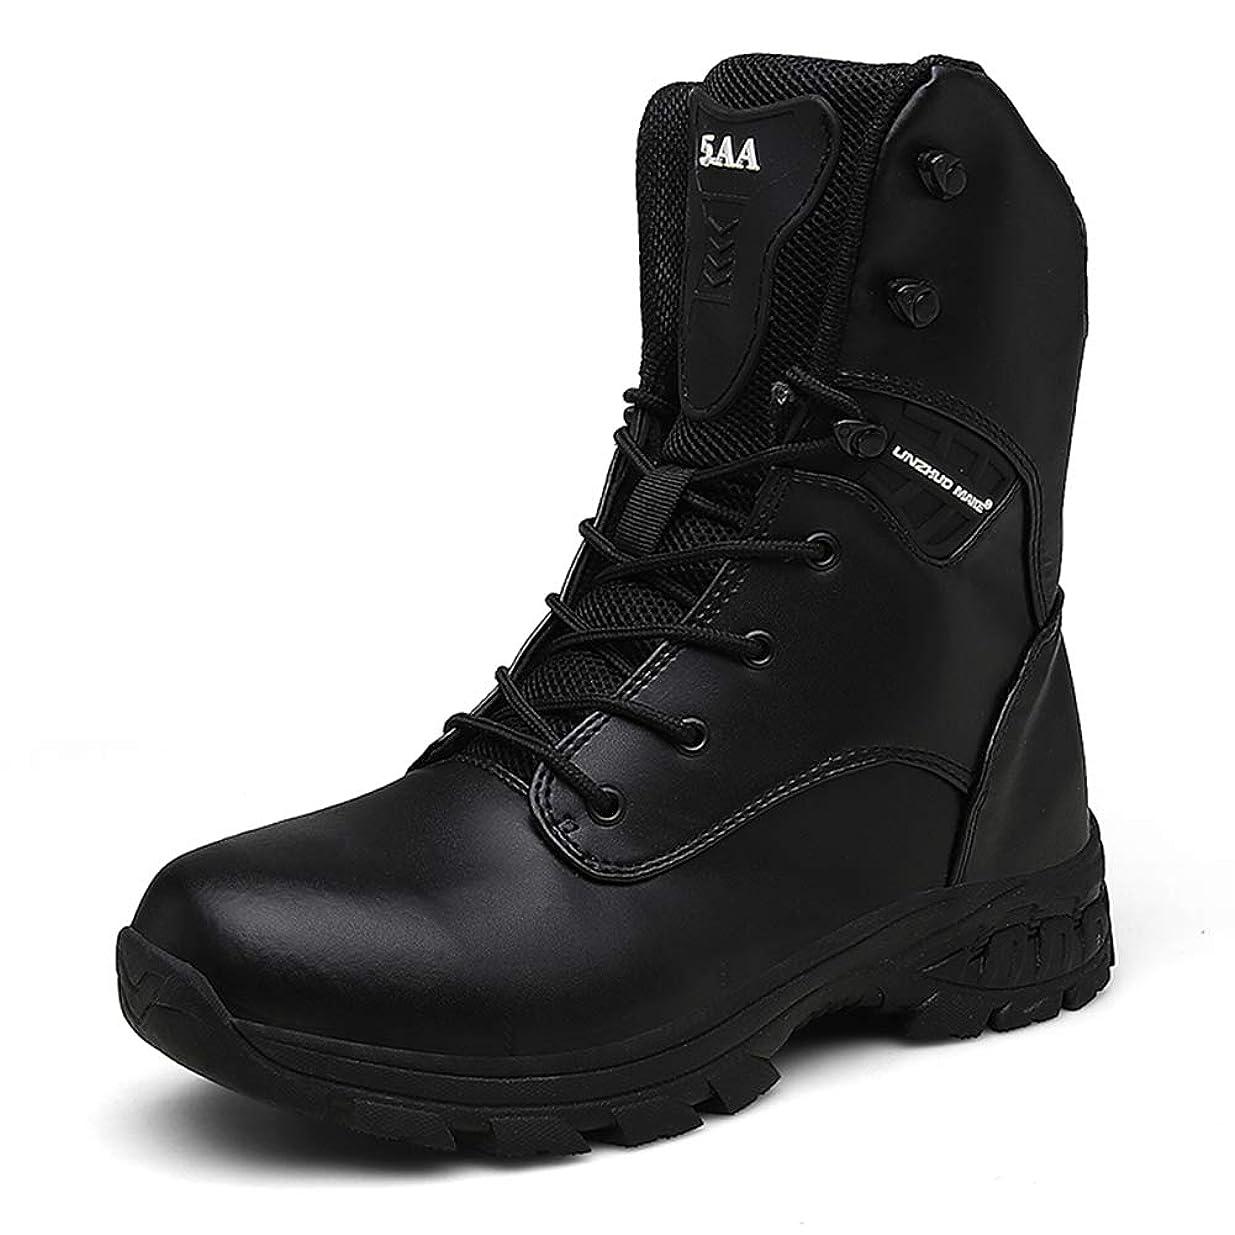 前奏曲上に築きます摂氏度男性ブラック防水半長靴ハイヘルプ迷彩防水ブーツ滑り止め耐摩耗性タクティカルブーツのための軍事ブーツ